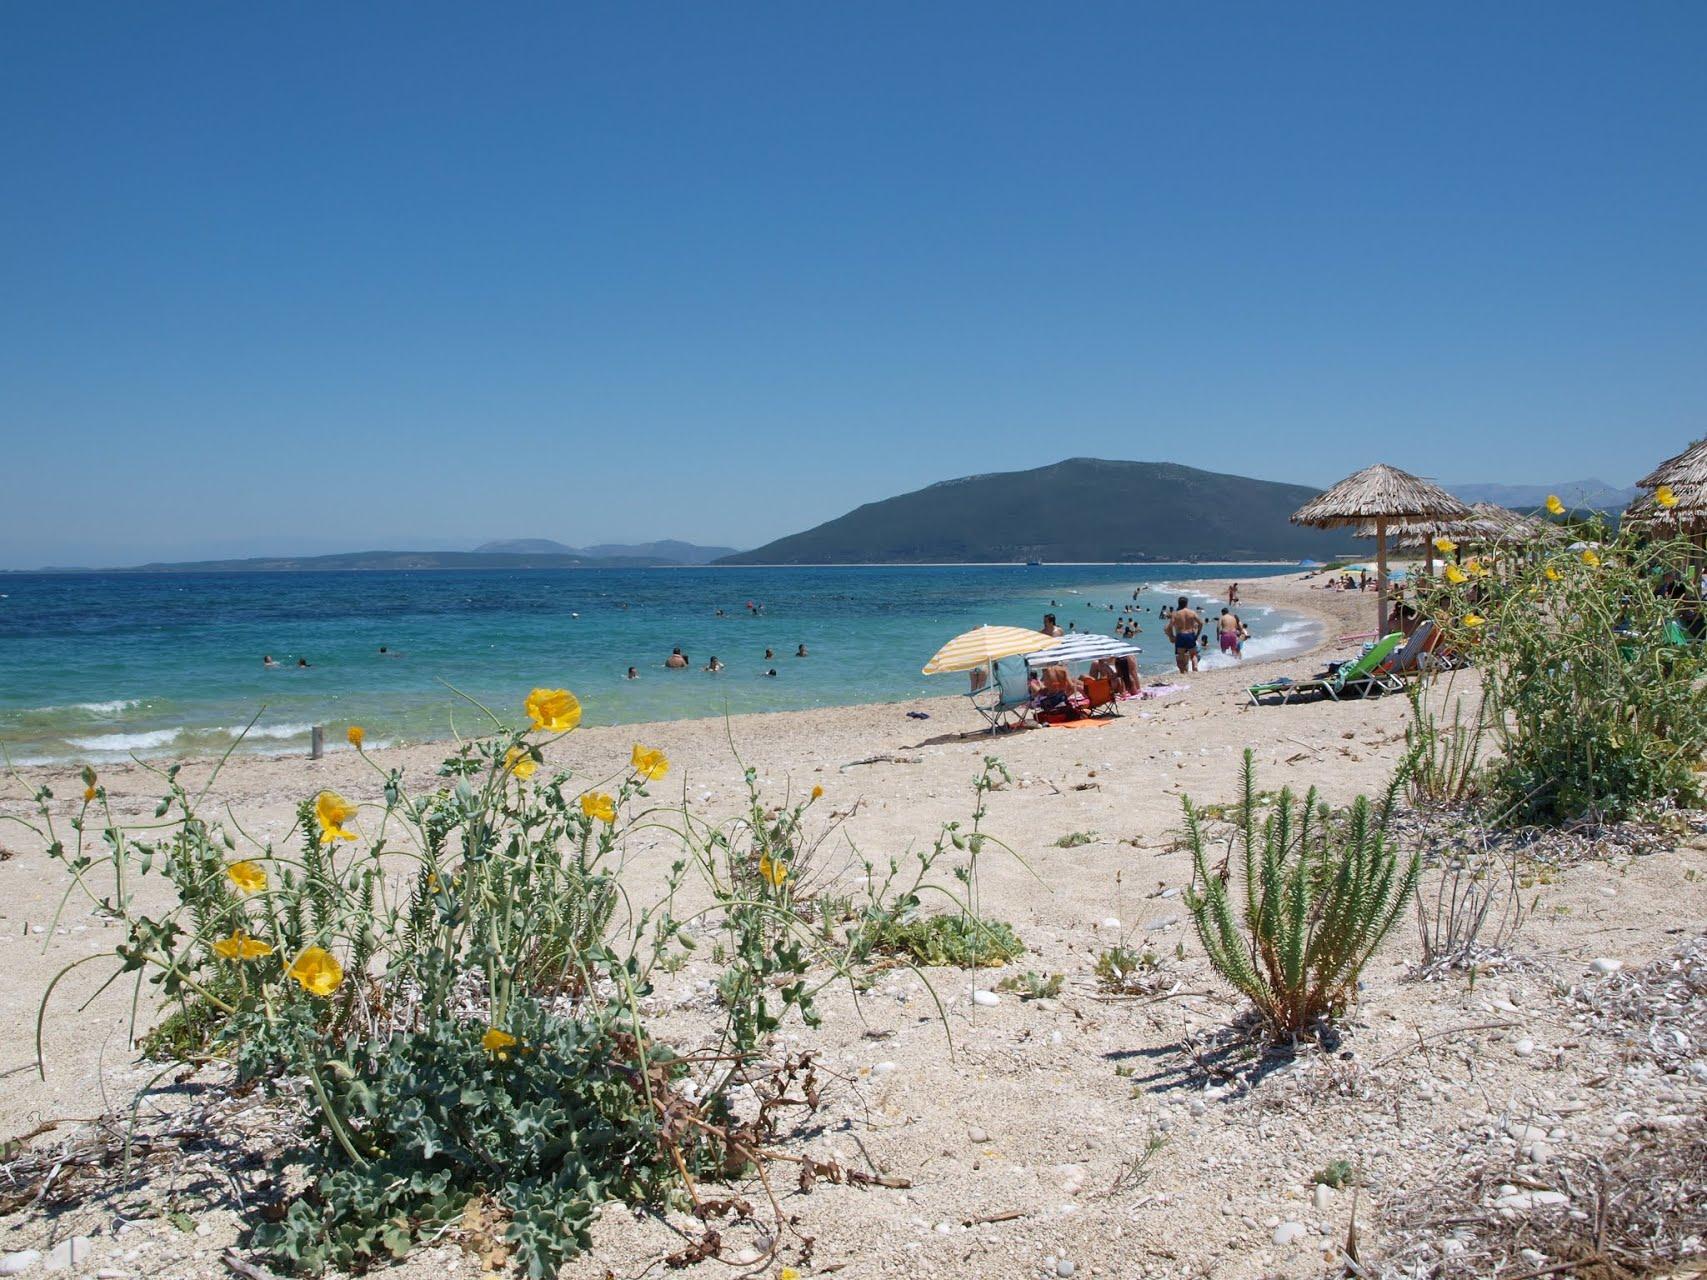 lefkada-beaches-gira-beach-nature